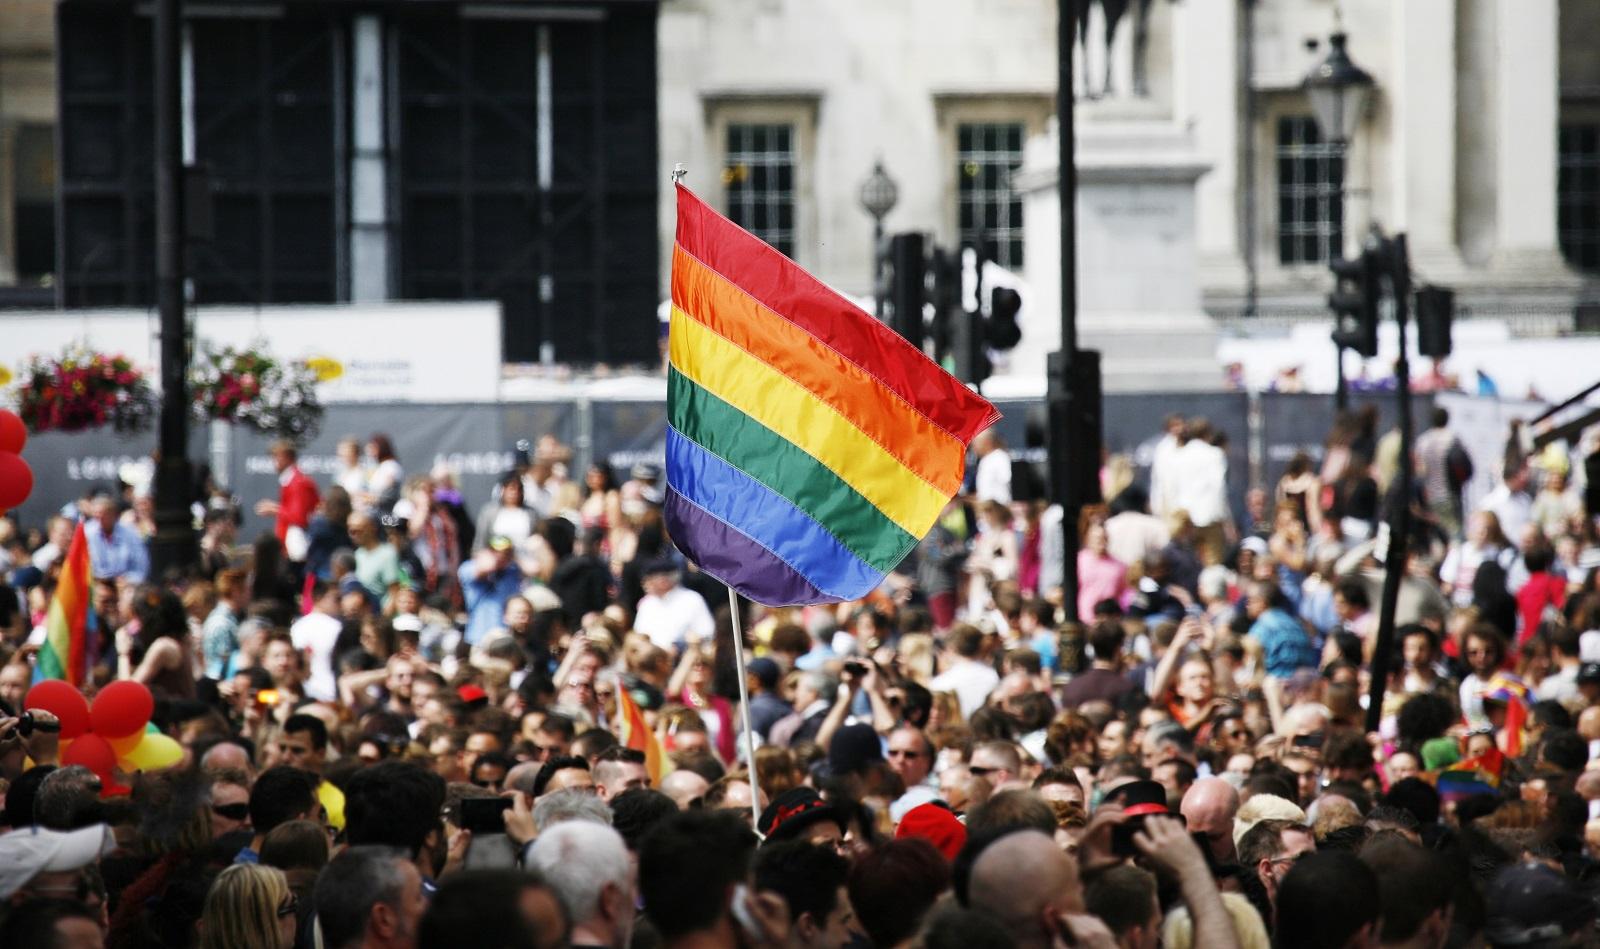 Demostraciones gay en mexico